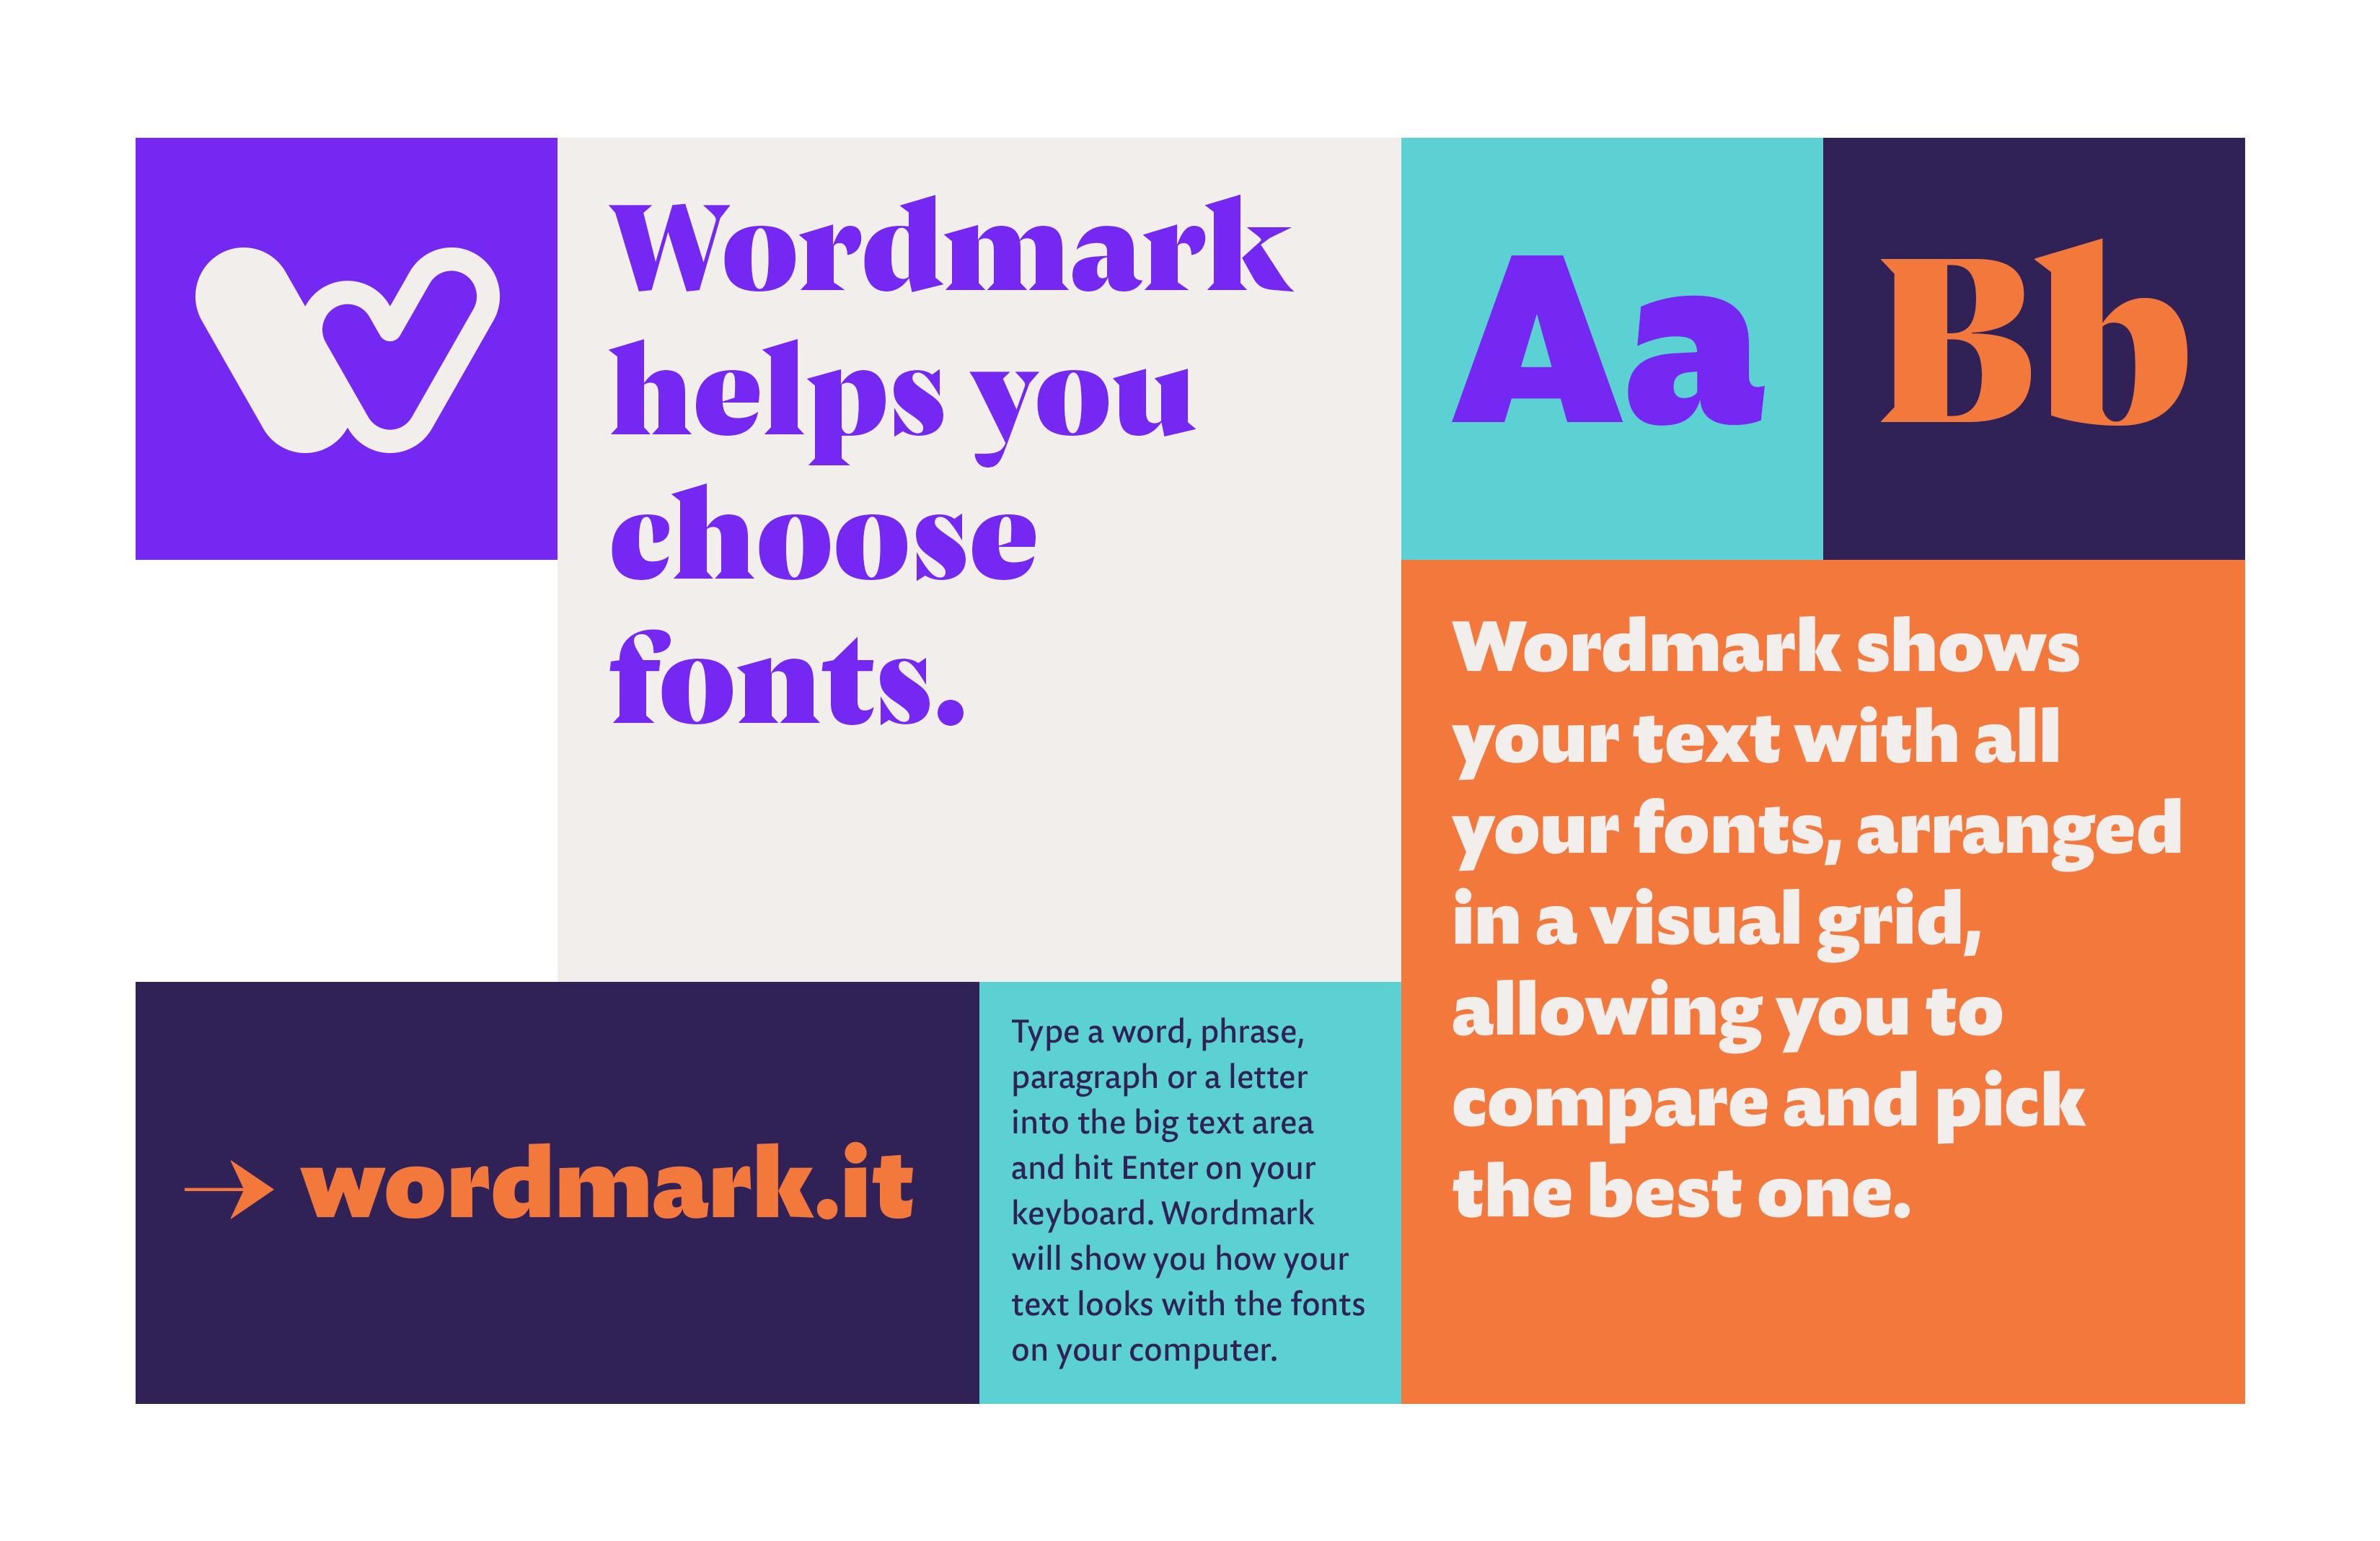 wordmark_images08c